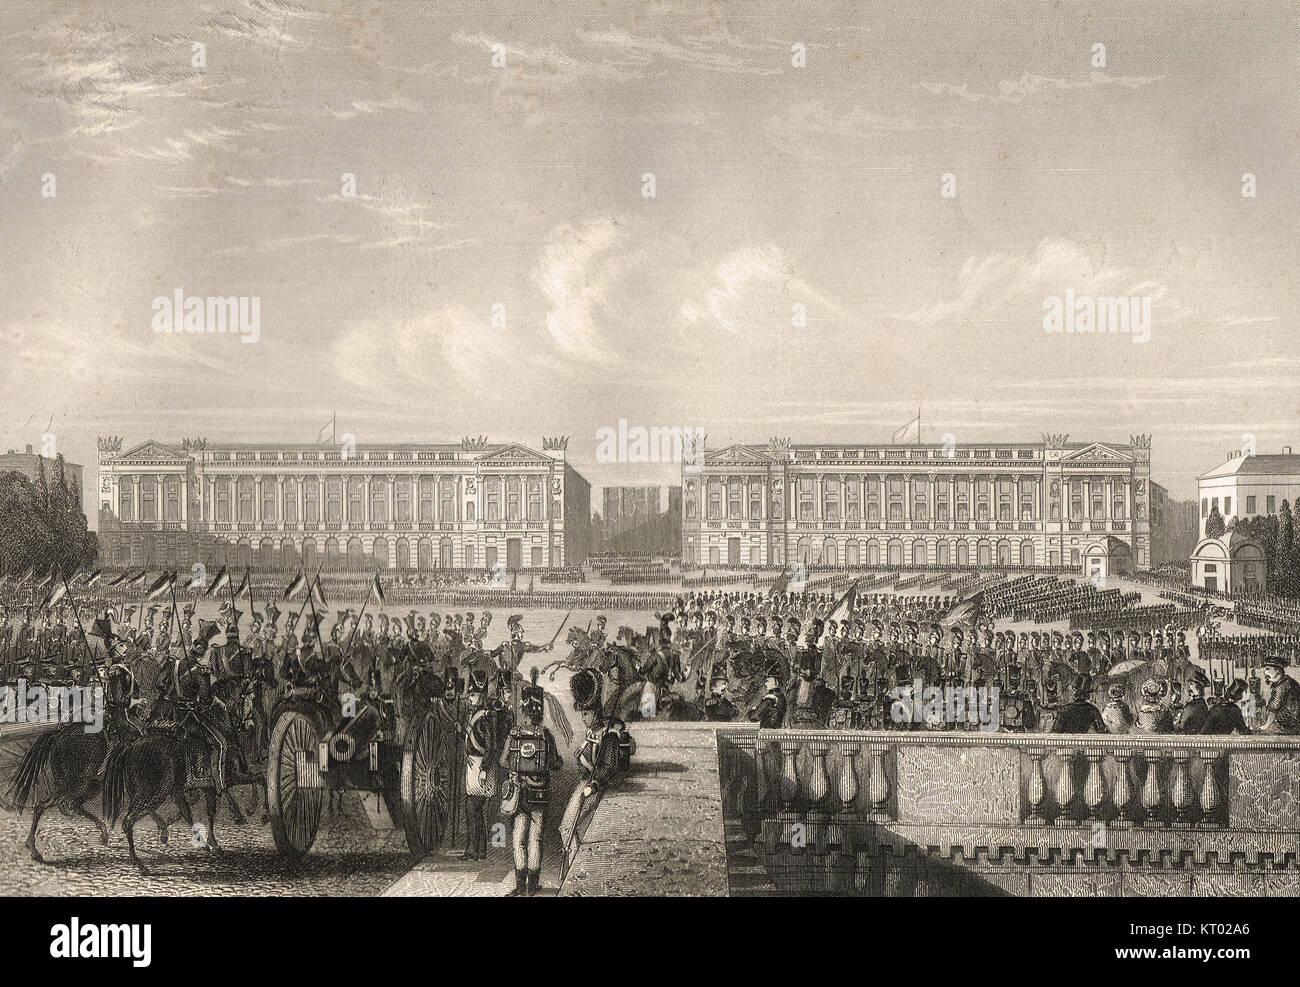 La entrada de los Aliados en París, 7 de julio de 1815. Campaña de Waterloo, Waterloo a París 2-7 Imagen De Stock